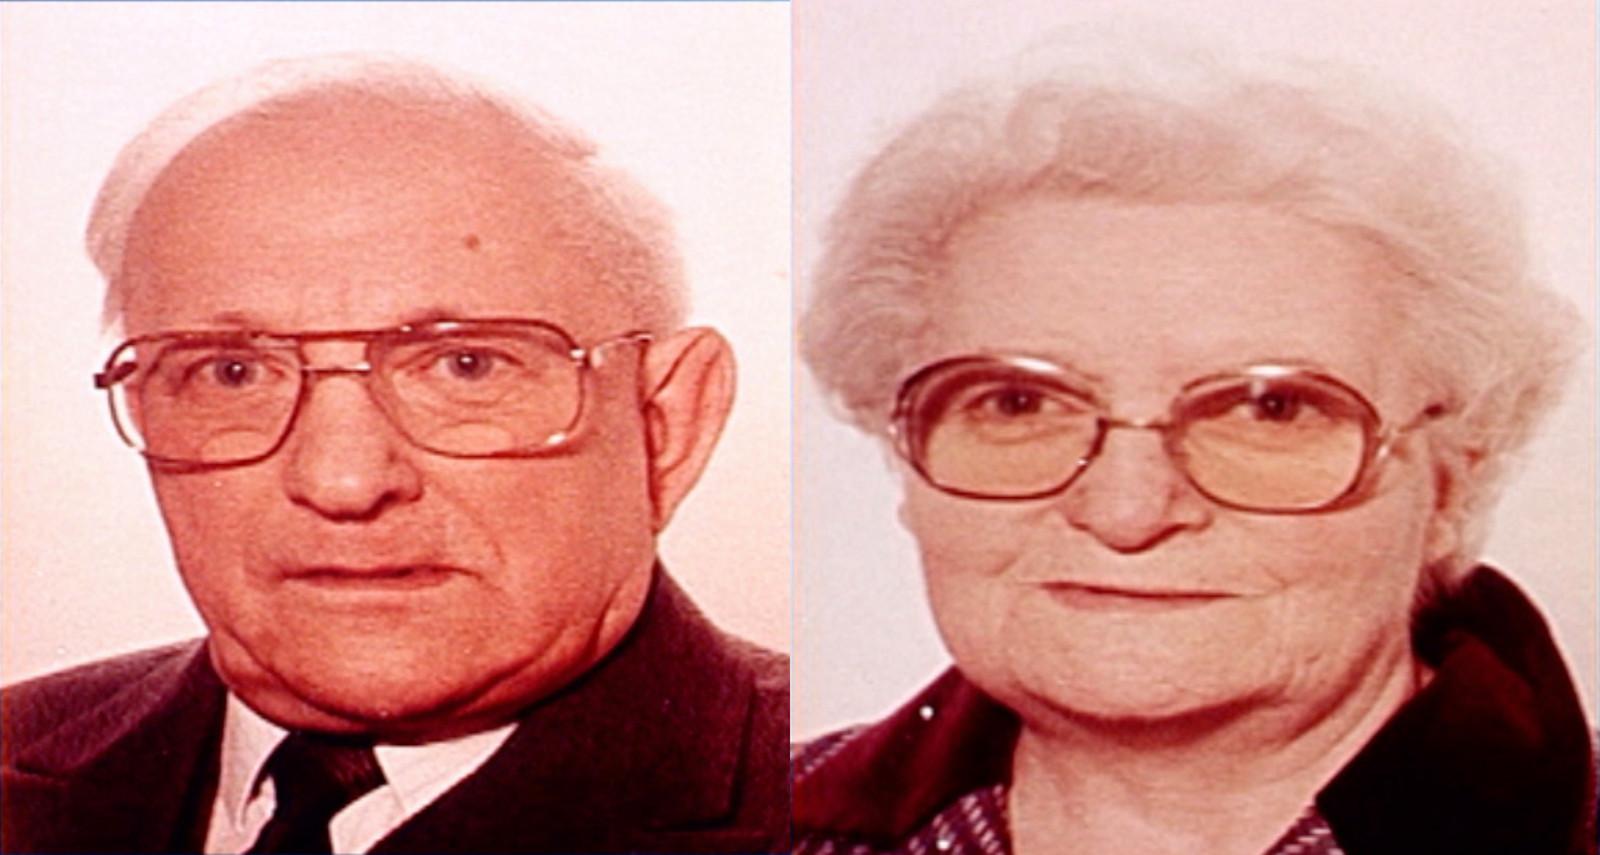 Jules en Jeanne Bogaerts, koppel uit Tienen, werden in 1991 vermoord.